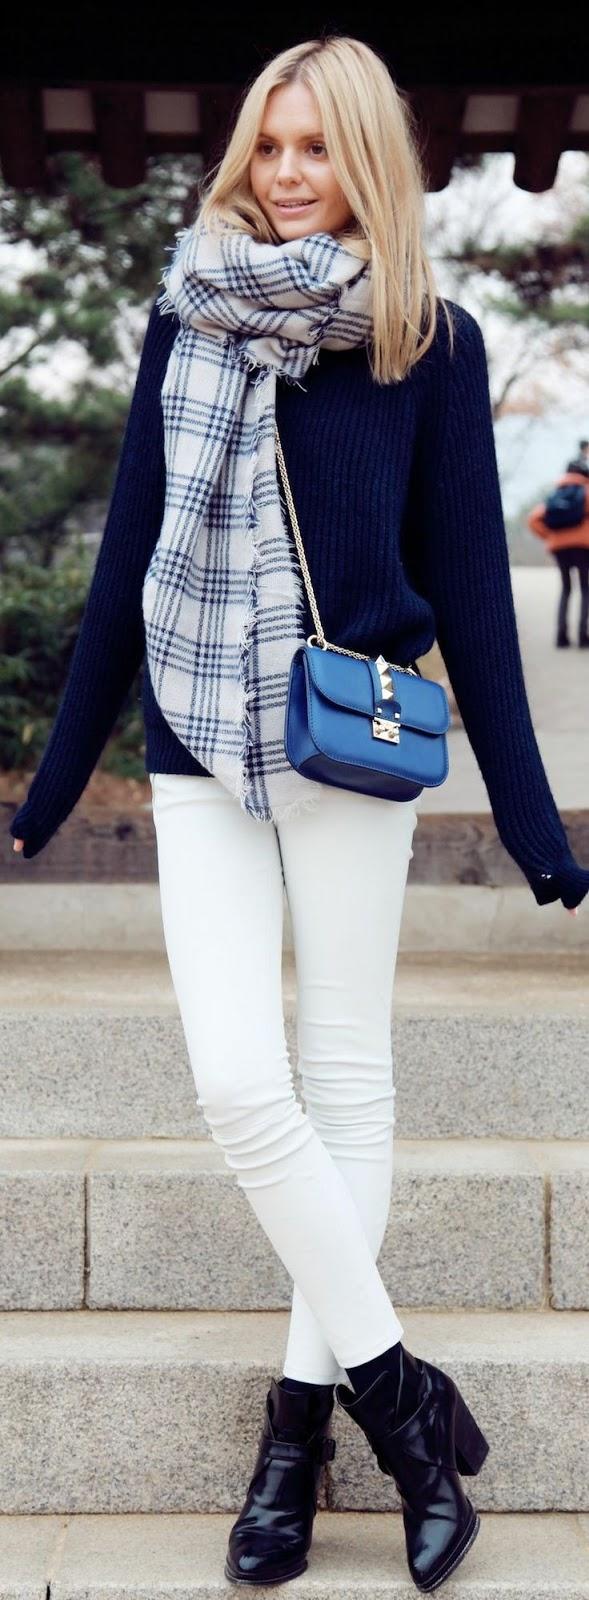 Oficina Chic: Calça Branca no Inverno